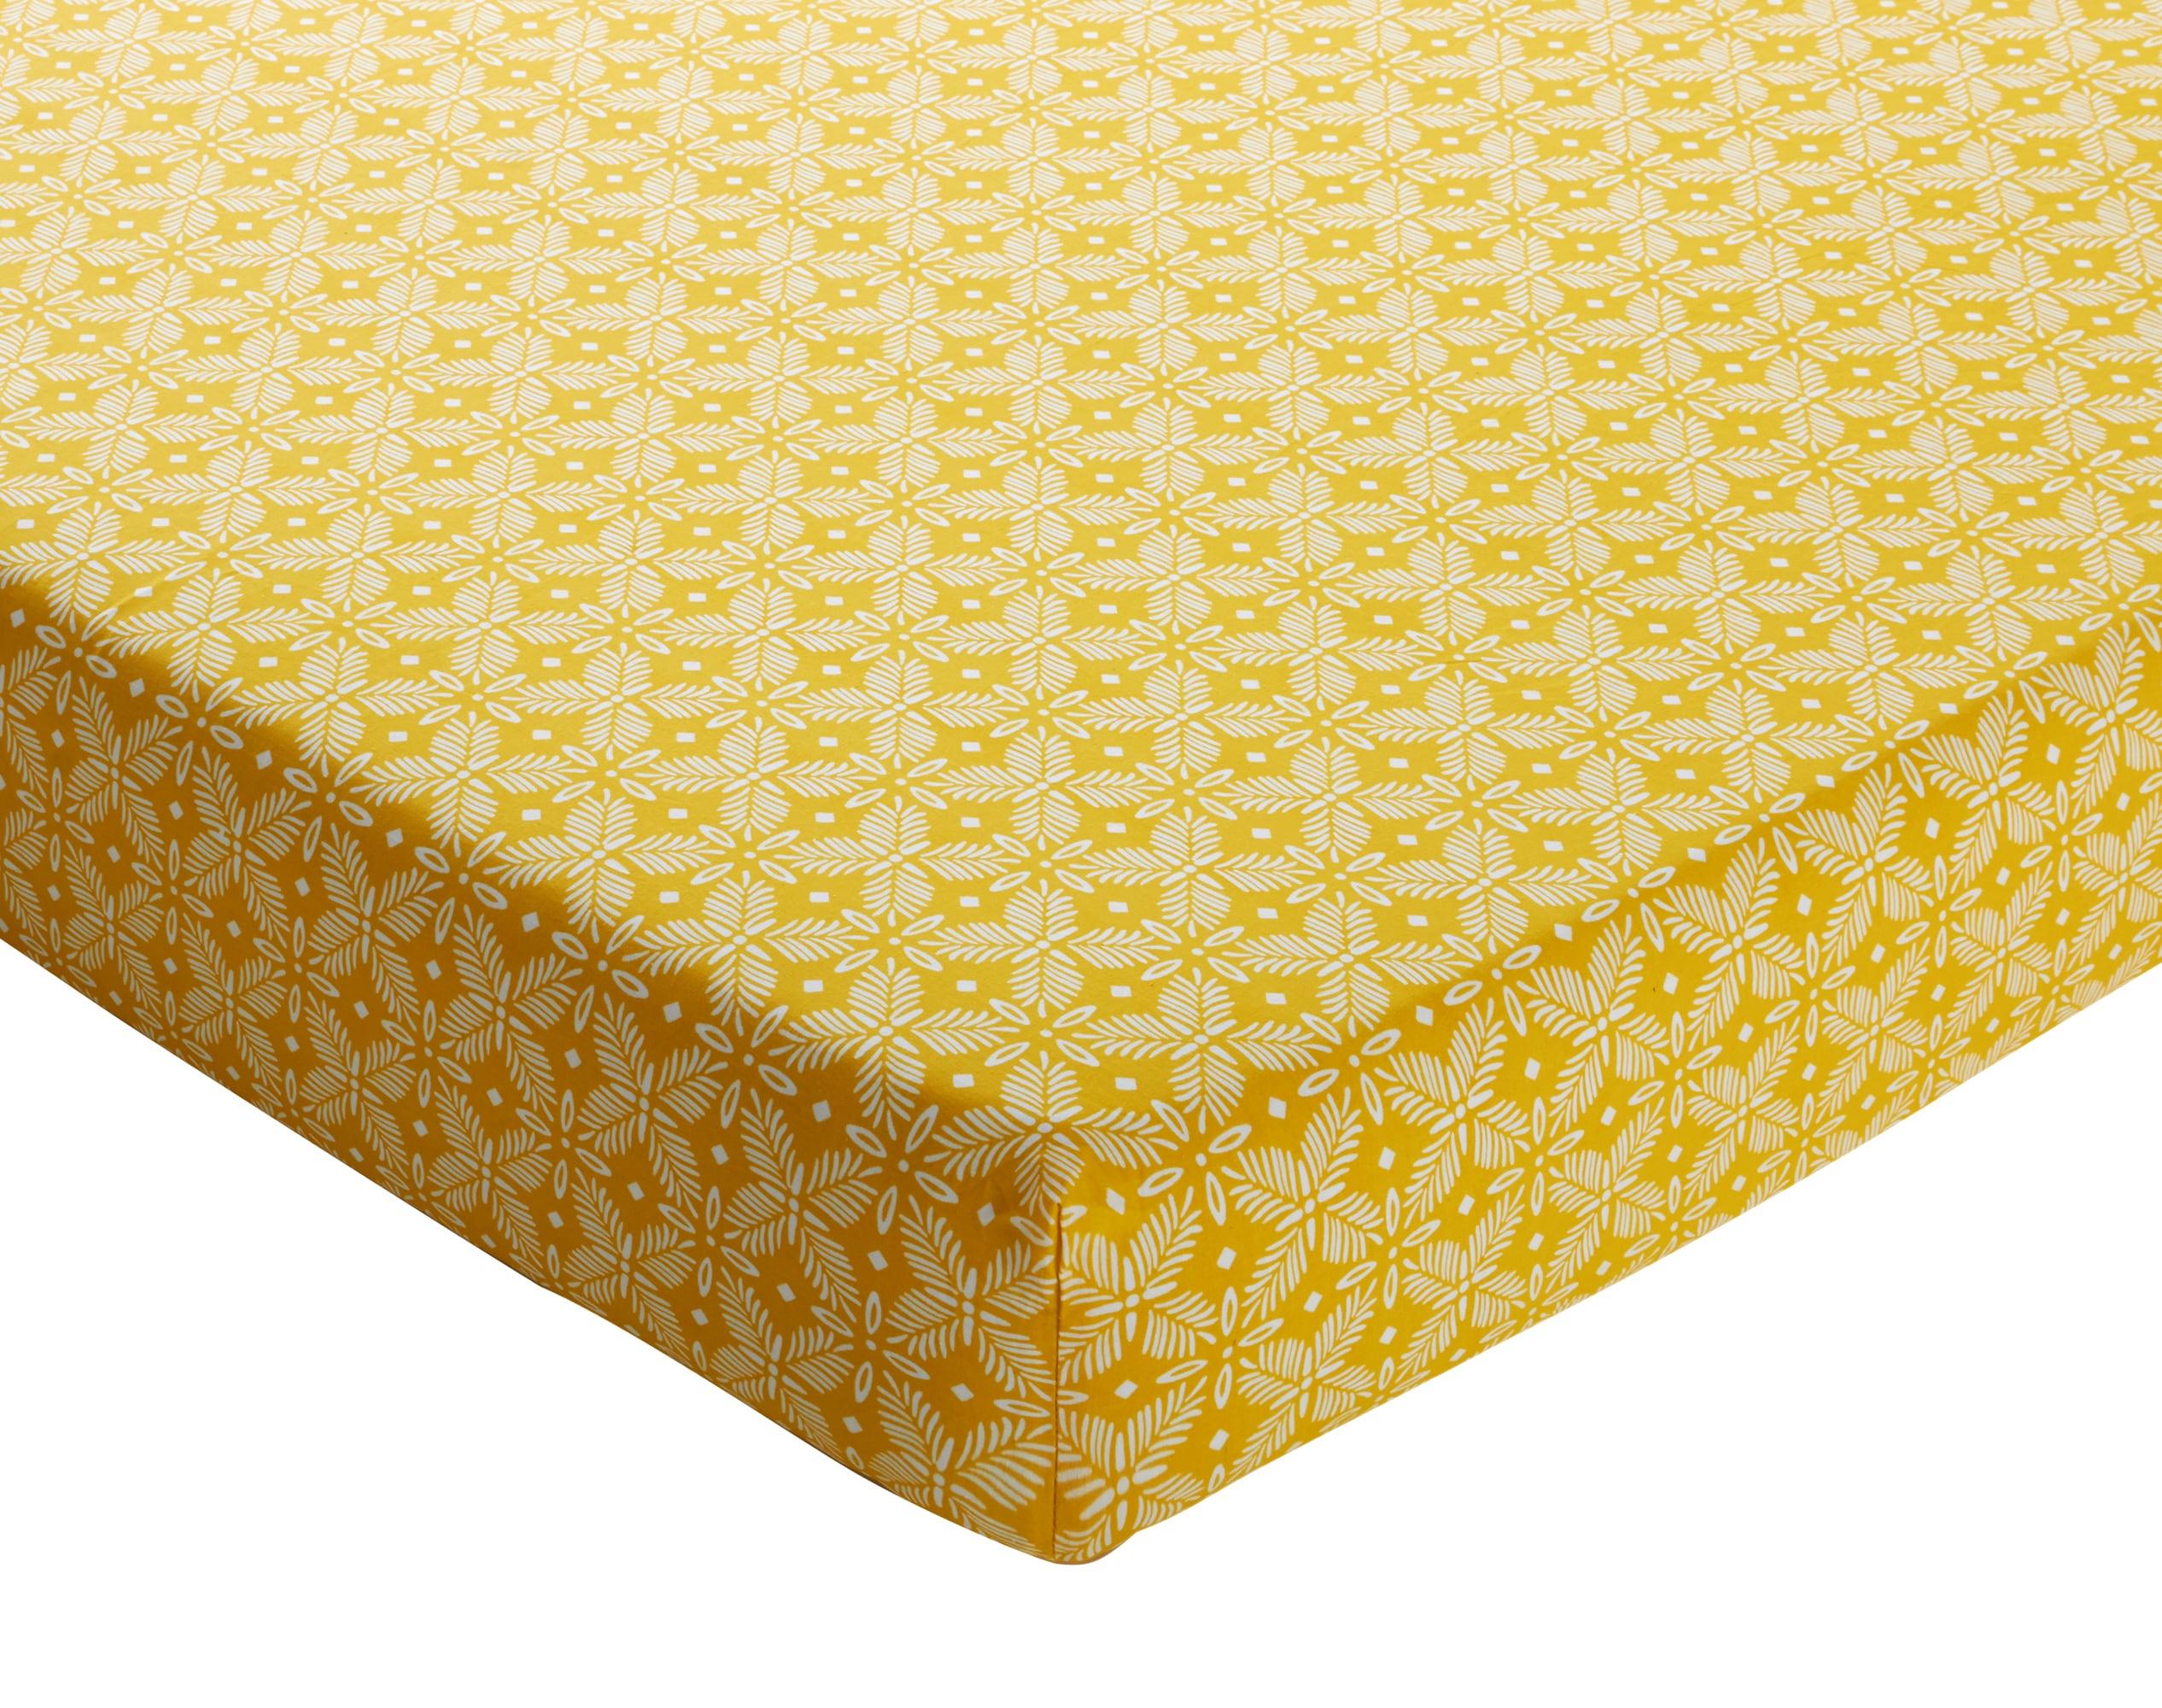 Drap-housse 140x190 en coton jaune citron